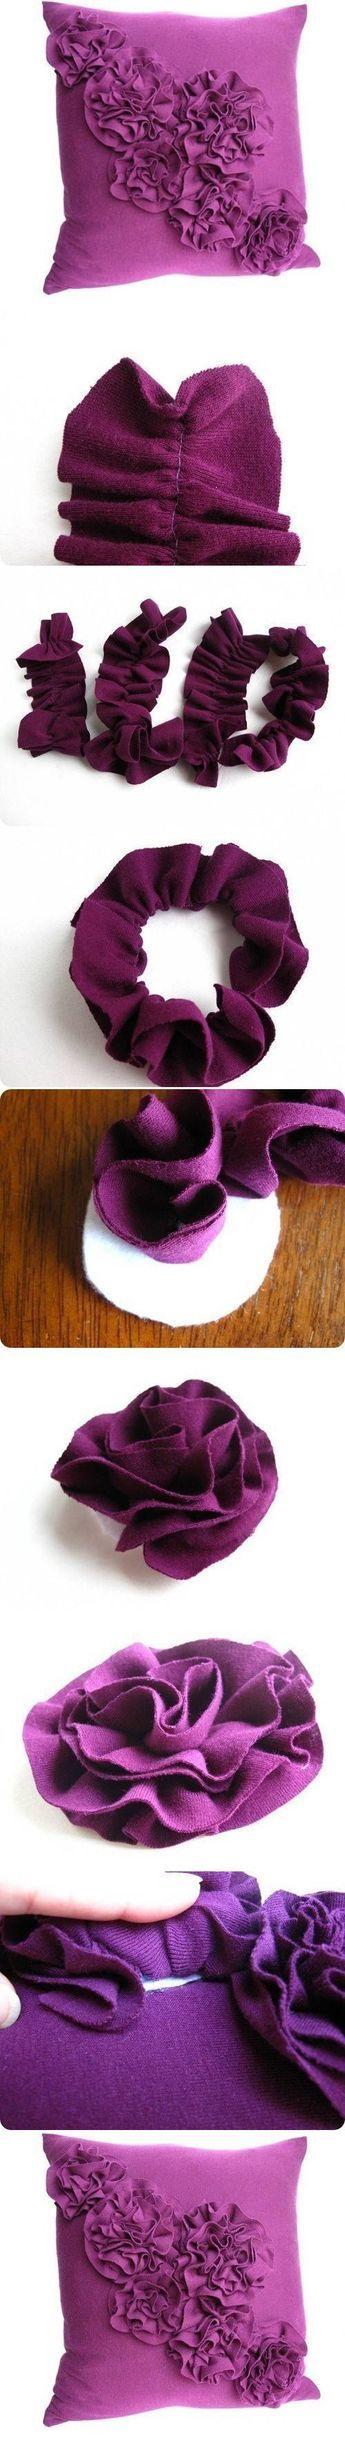 Zelf maken ... kussen met vilt bloemen. Kijk voor vilt eens op http://www.bijviltenzo.nl